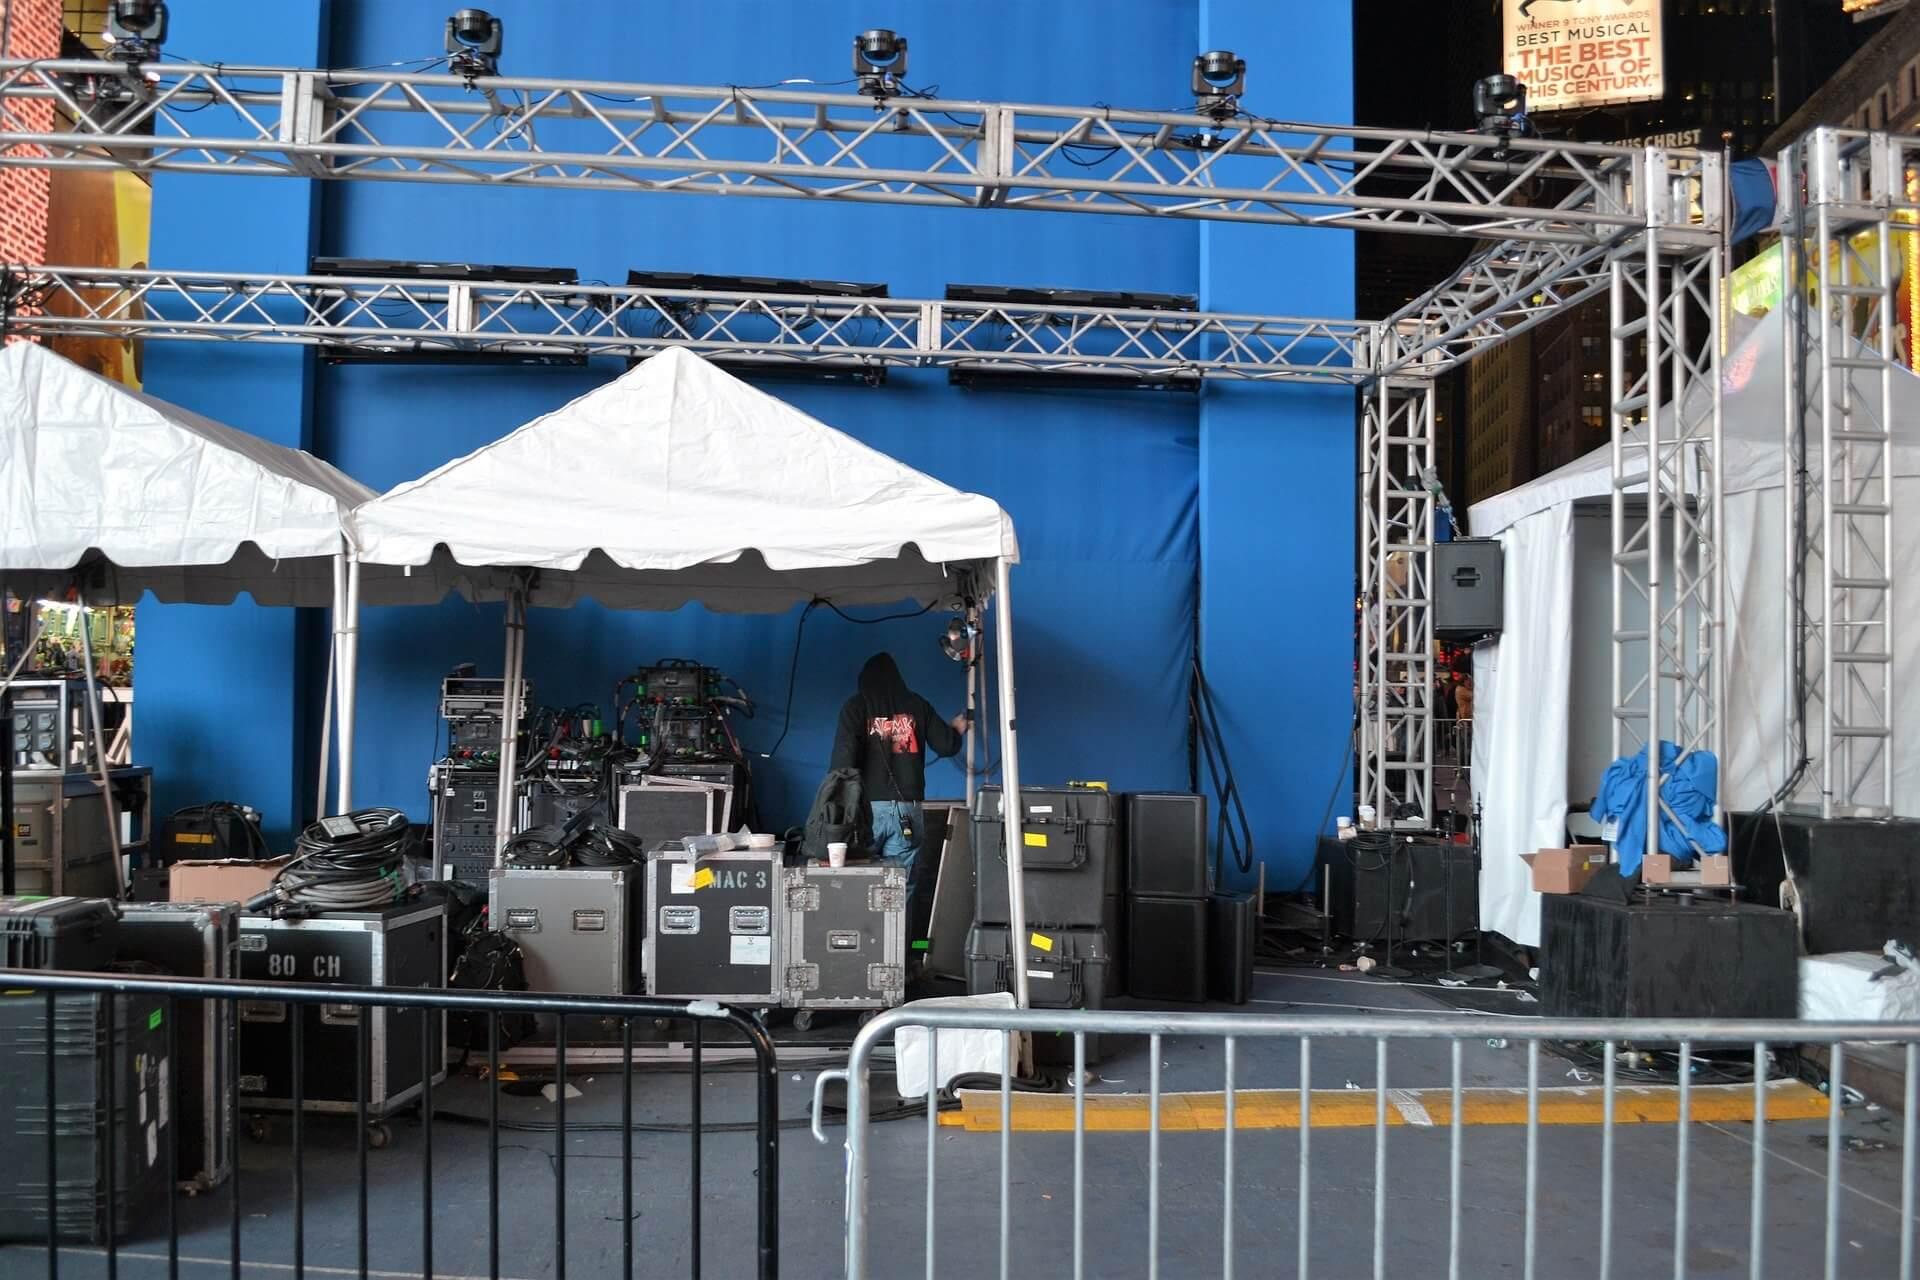 backstage-2858288_1920 (1)